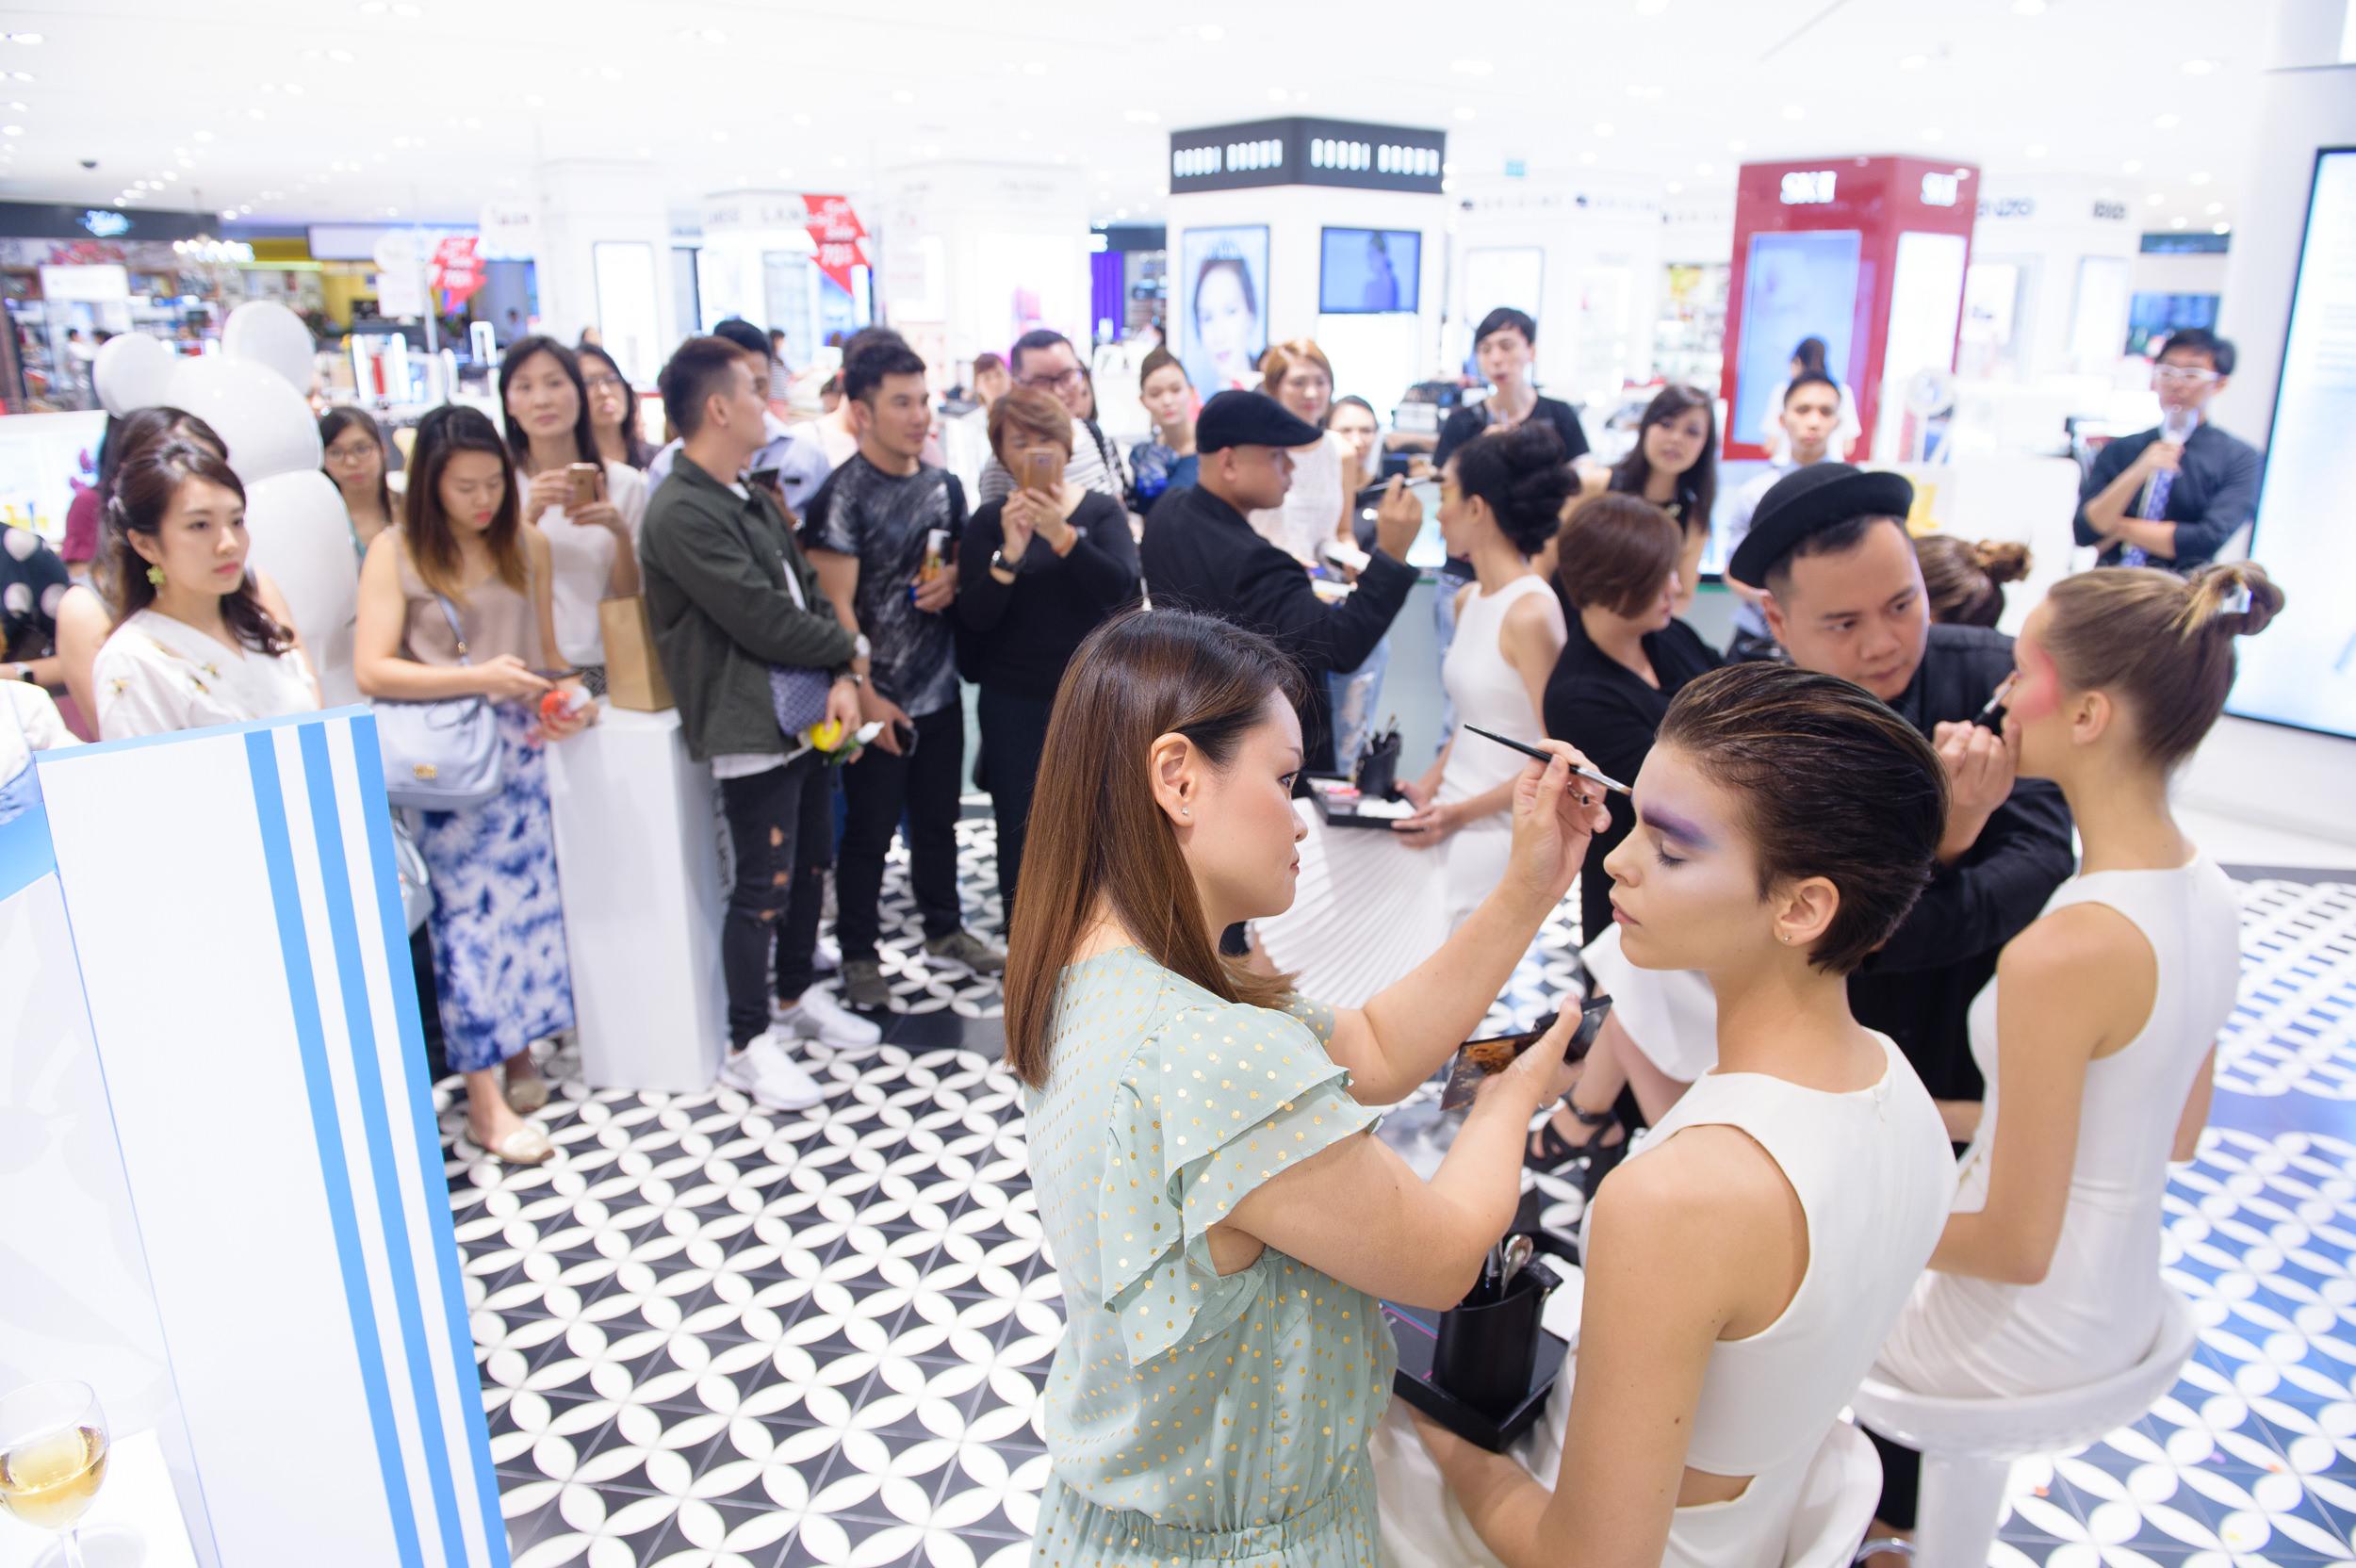 Singapore PR Event Photographer